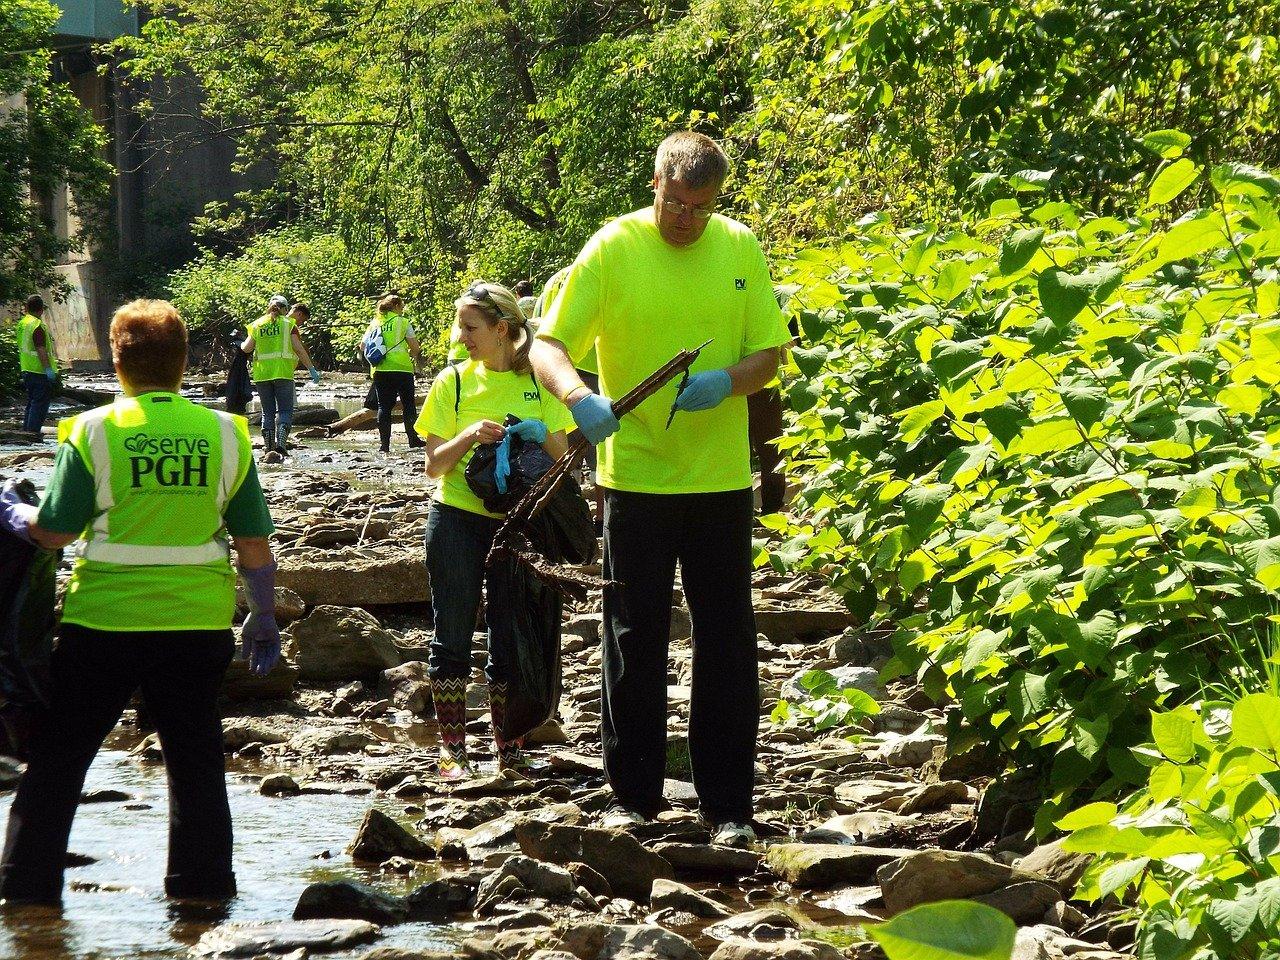 cleanup 342706 1280 - La Filantropía: Cuando ayudar a otros nos ayuda también a nosotros